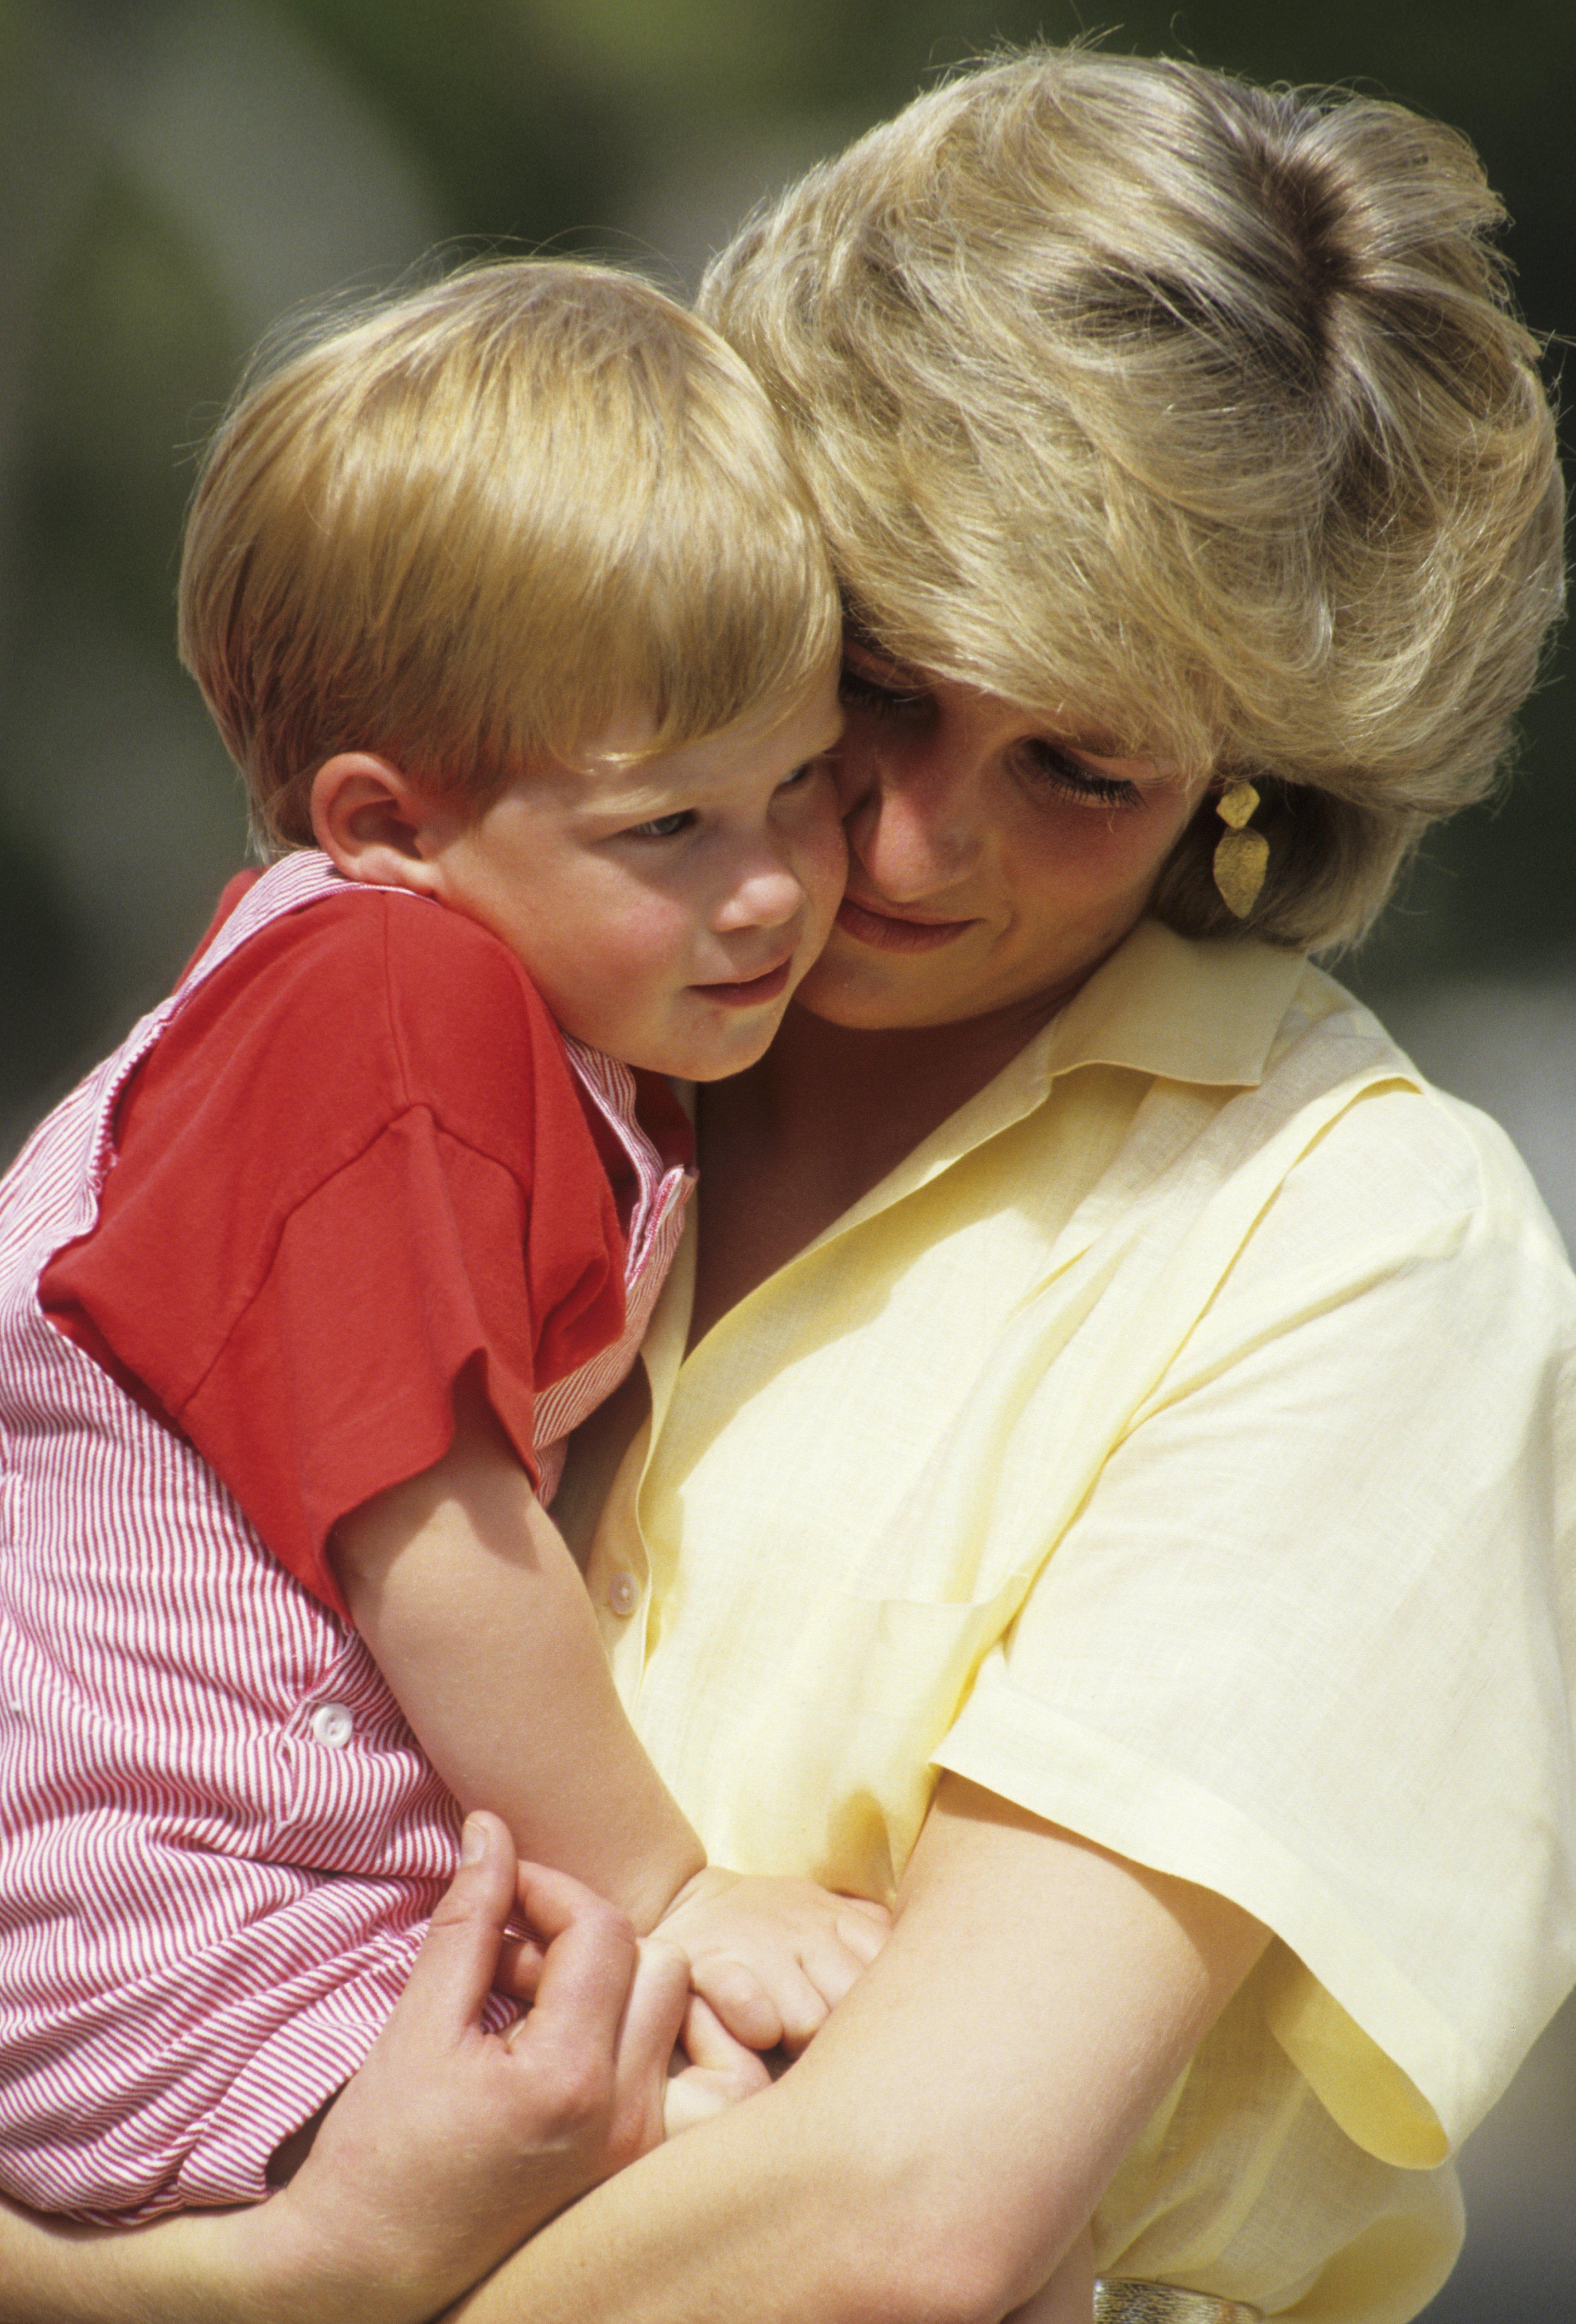 Diana, la princesse de Galles, tenant son fils le prince Harry pendant ses vacances à Majorque, Espagne en 1987 | Photo : Getty Images